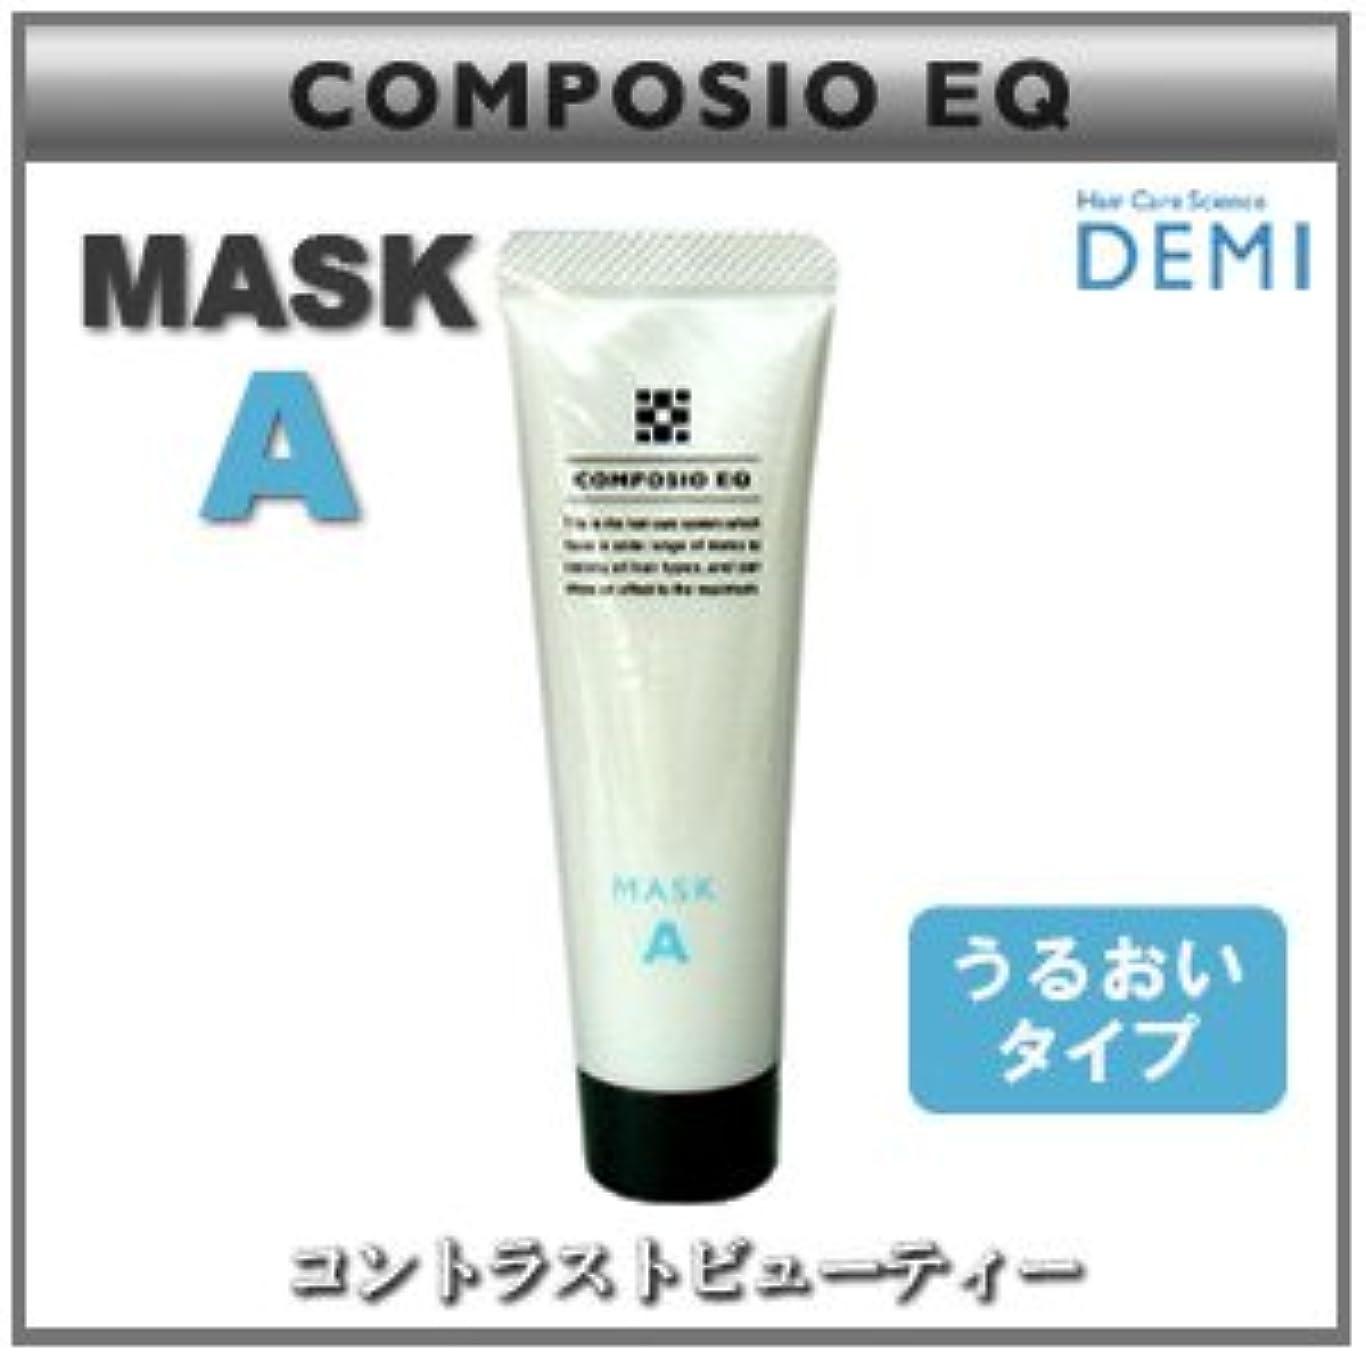 公使館試す適用済み【X4個セット】 デミ コンポジオ EQ マスク A 50g